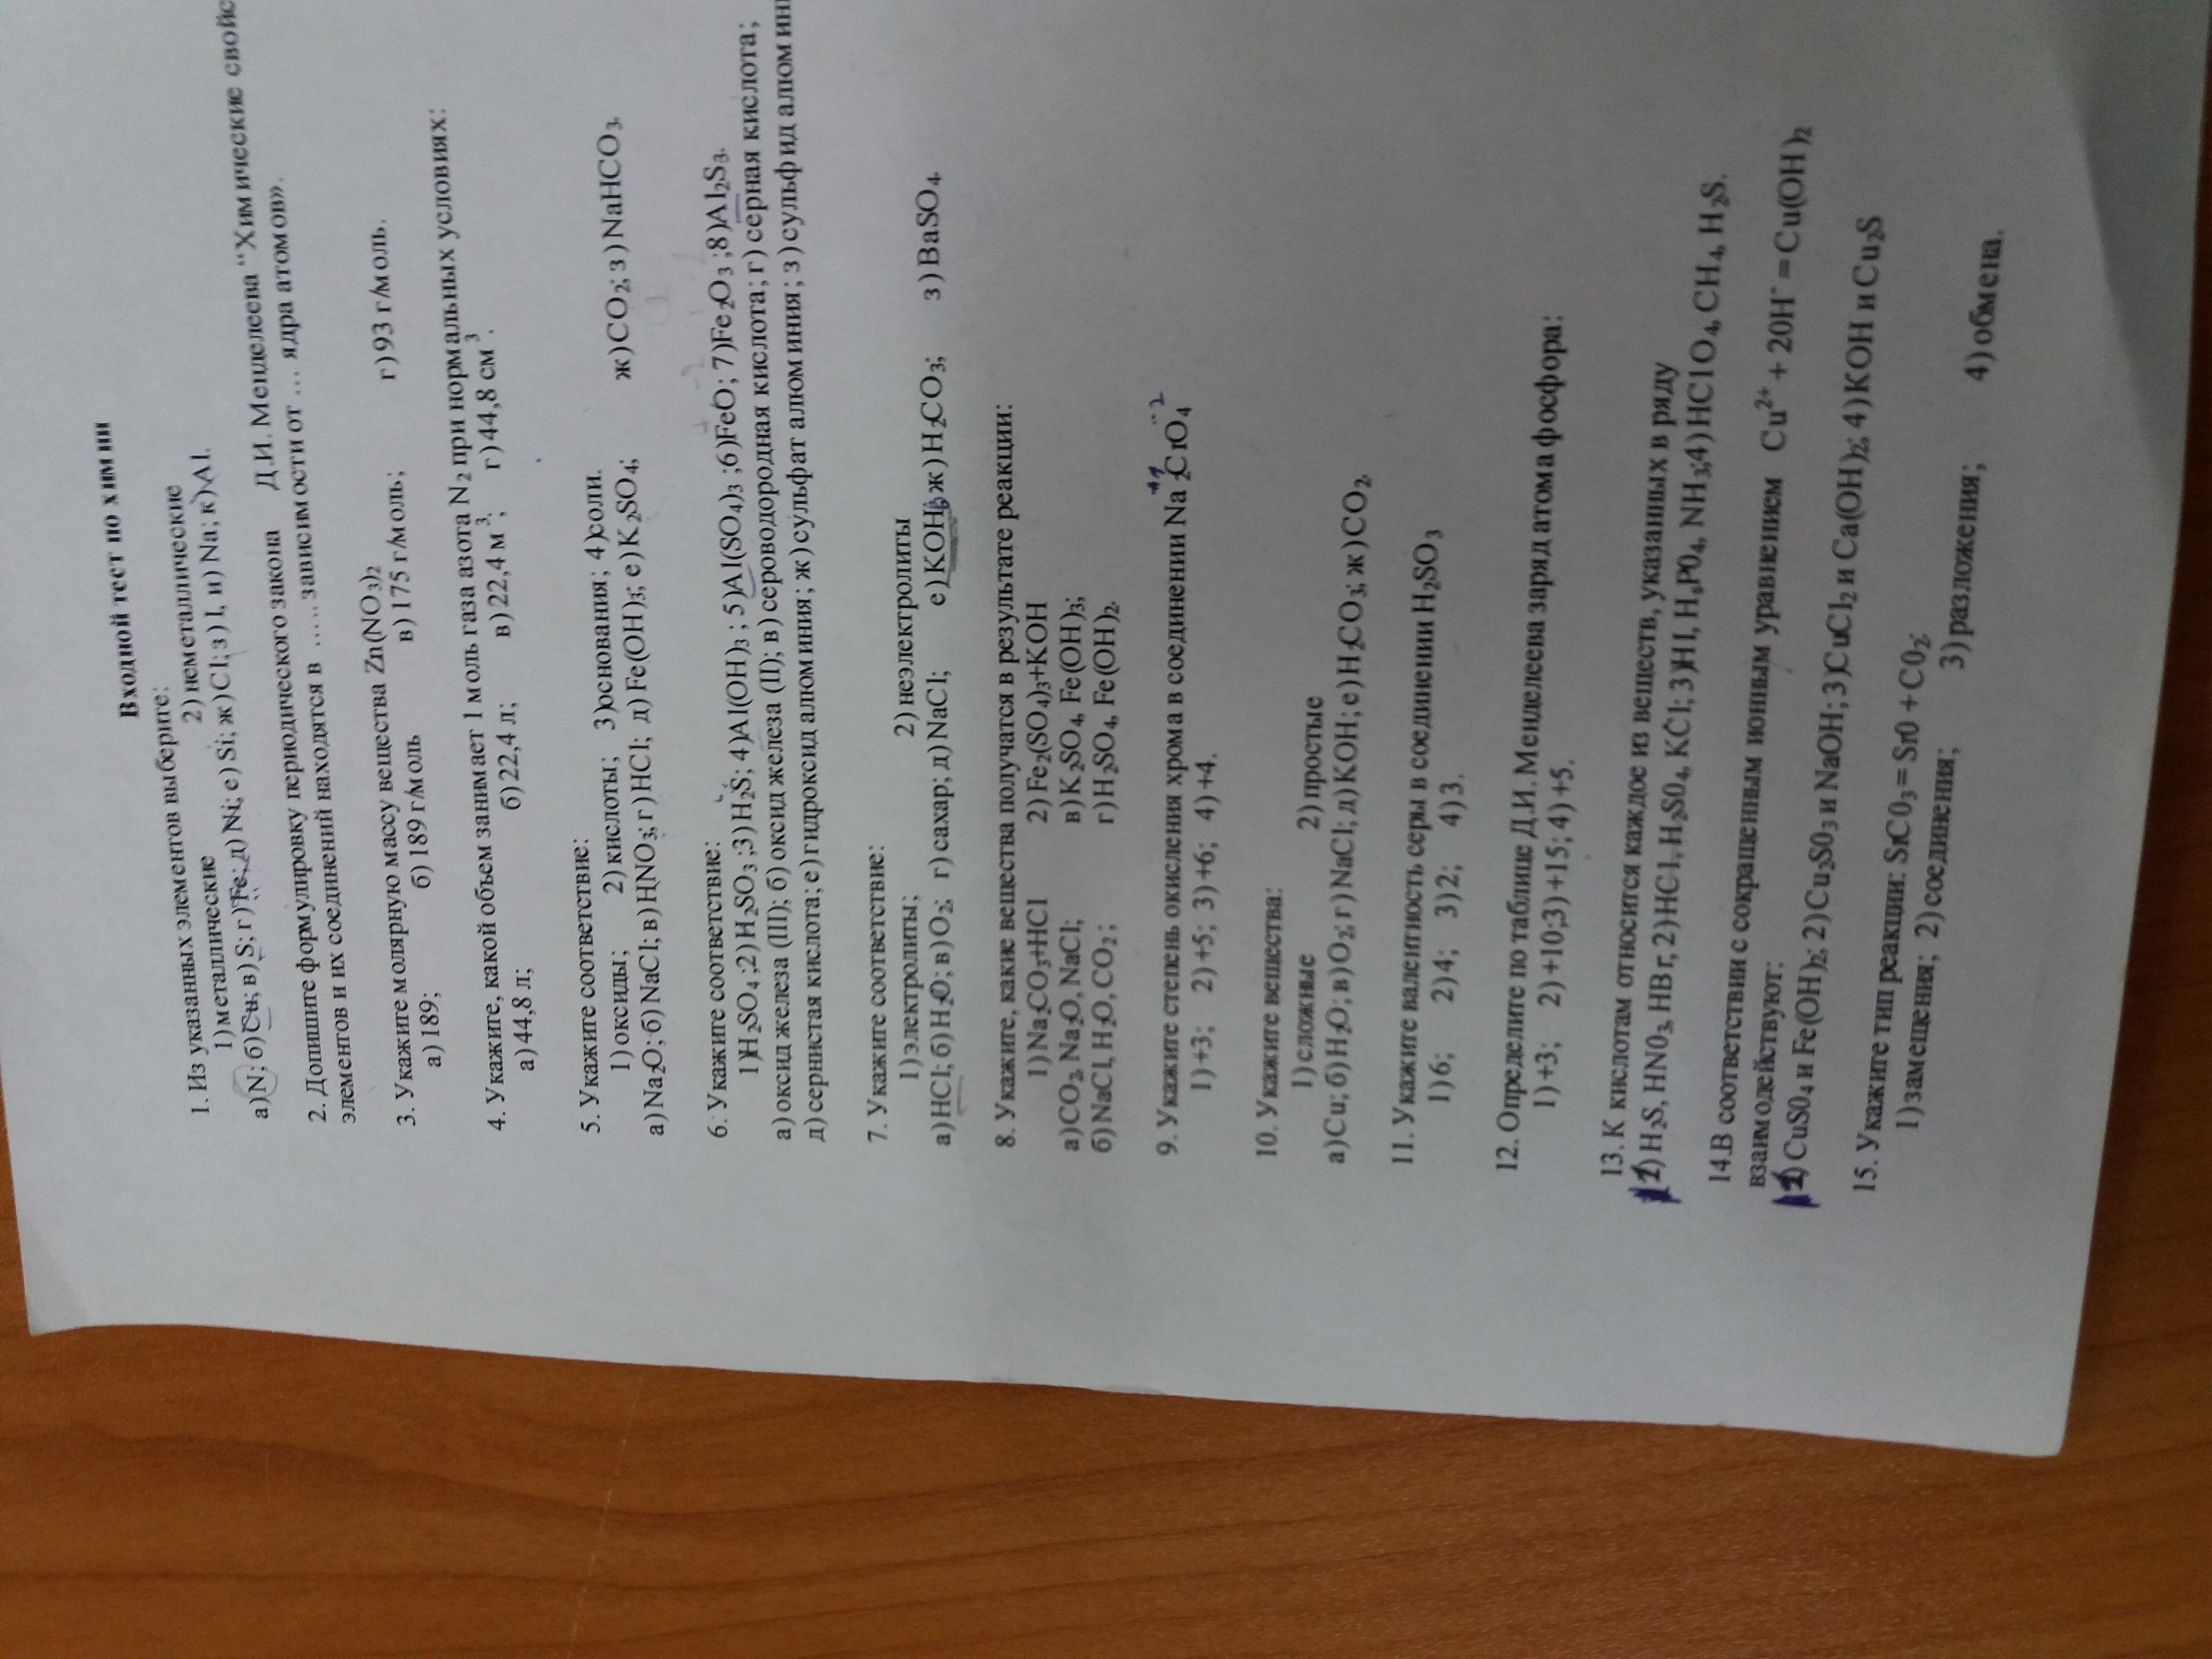 ответы на входной контроль по химии 10 класс